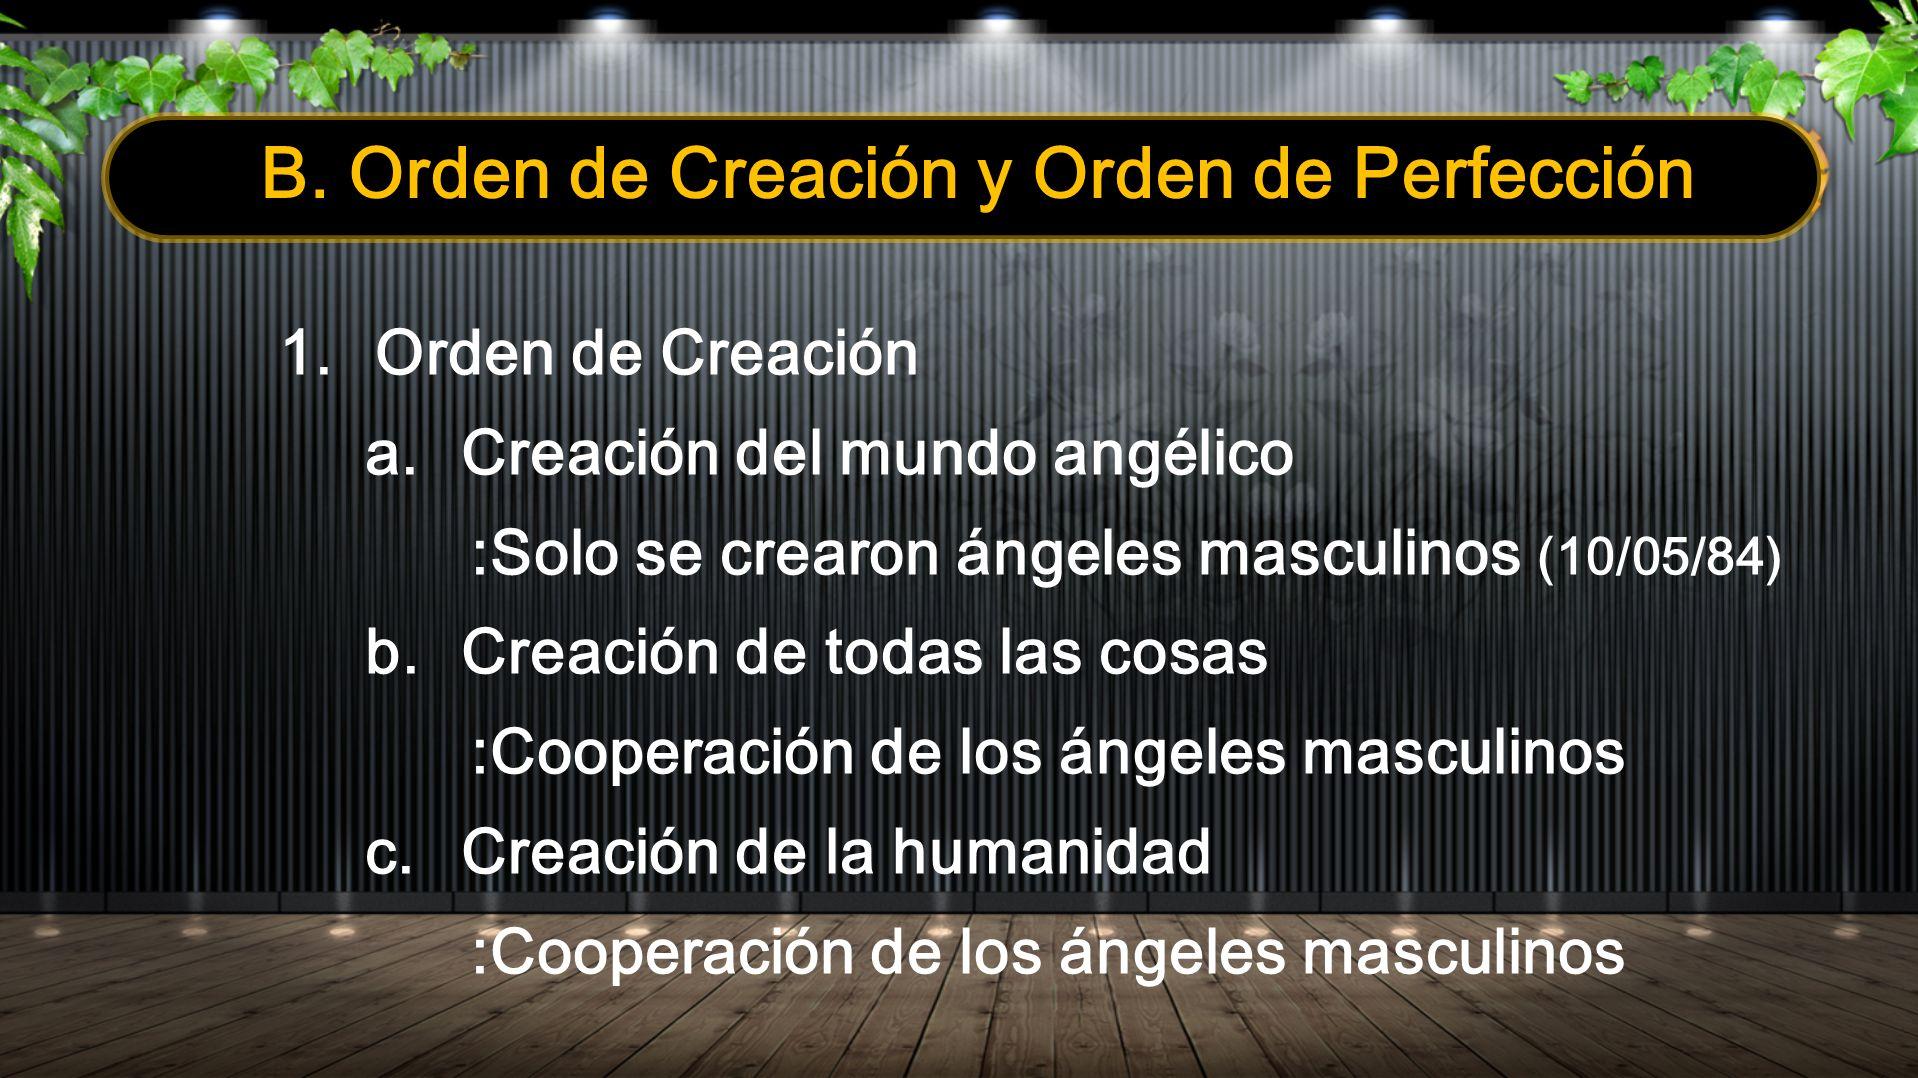 B. Orden de Creación y Orden de Perfección